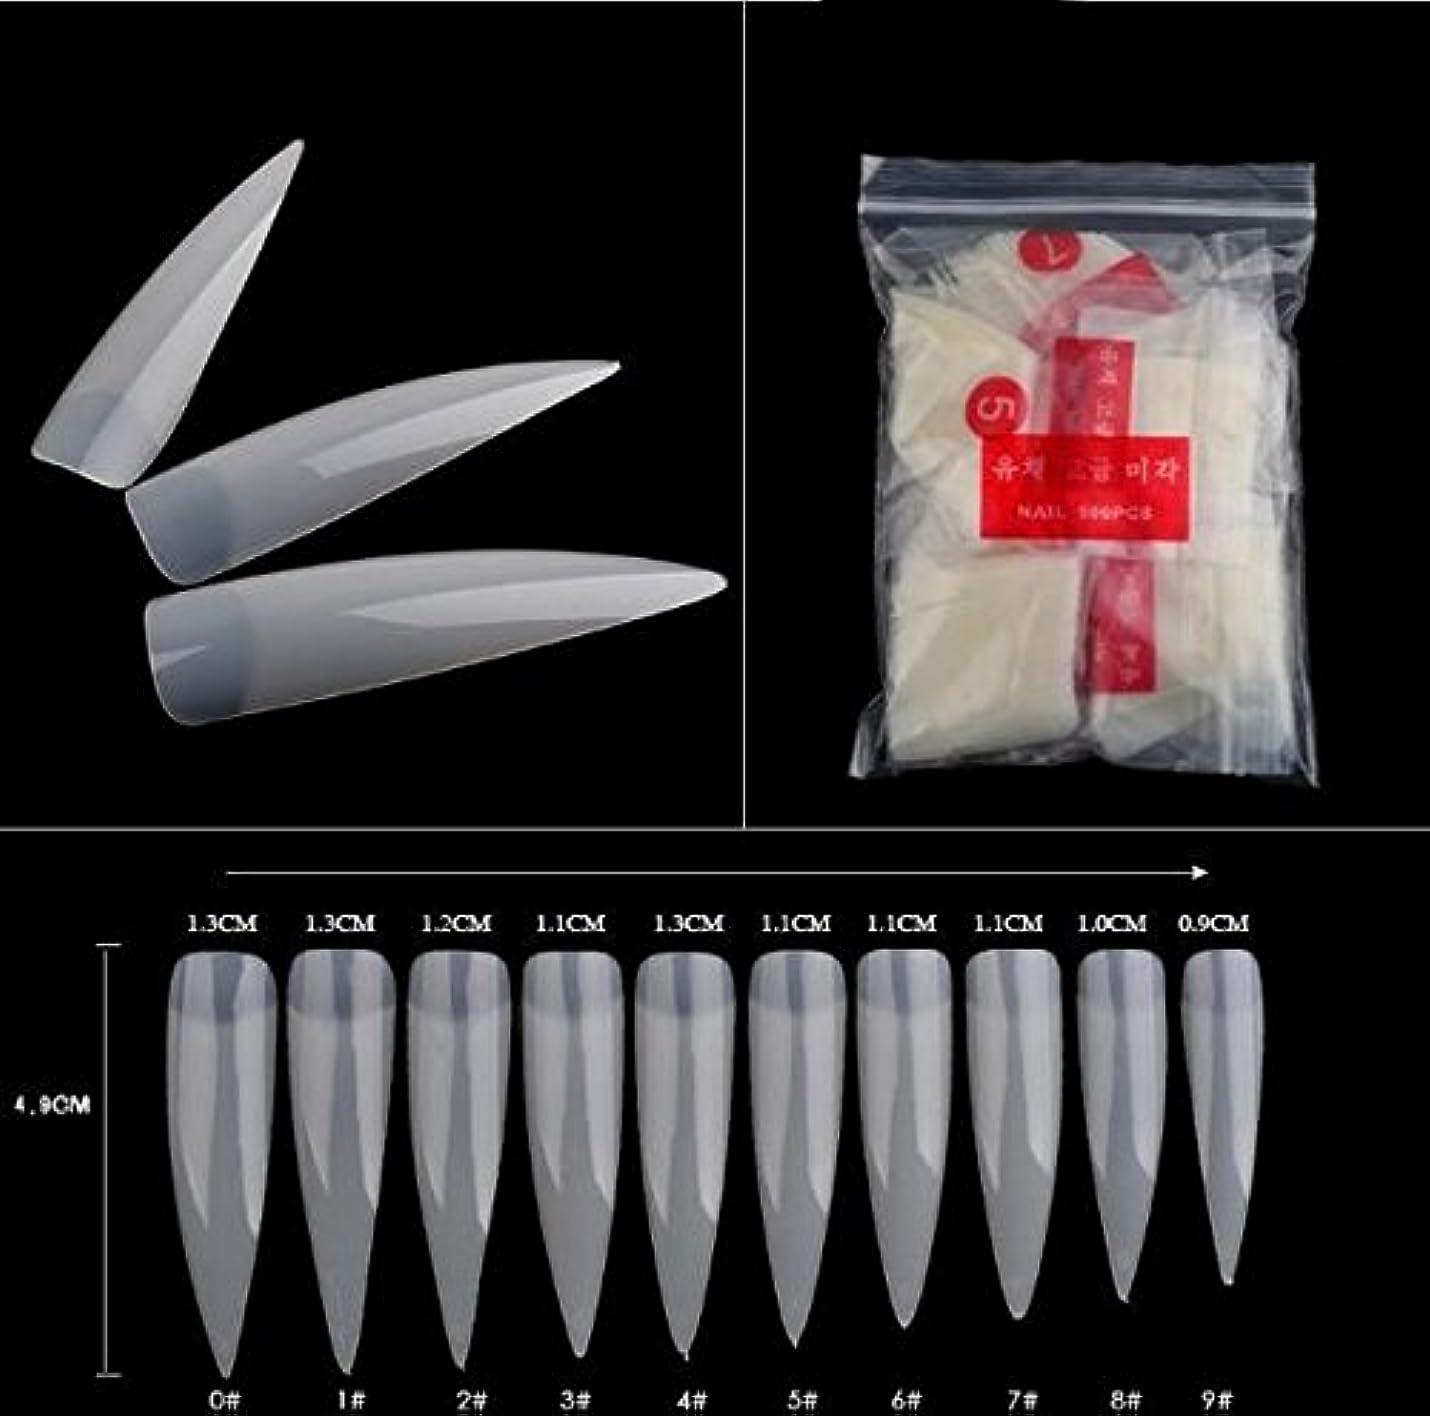 ほとんどの場合相続人陸軍500枚 つけ爪 無地 ロング ネイルチップ 爪にピッタリ 練習 10サイズ ネイルチップ エクステンションに適用なツール マニキュア ネイルアート ツール (ナチュラル) [並行輸入品]